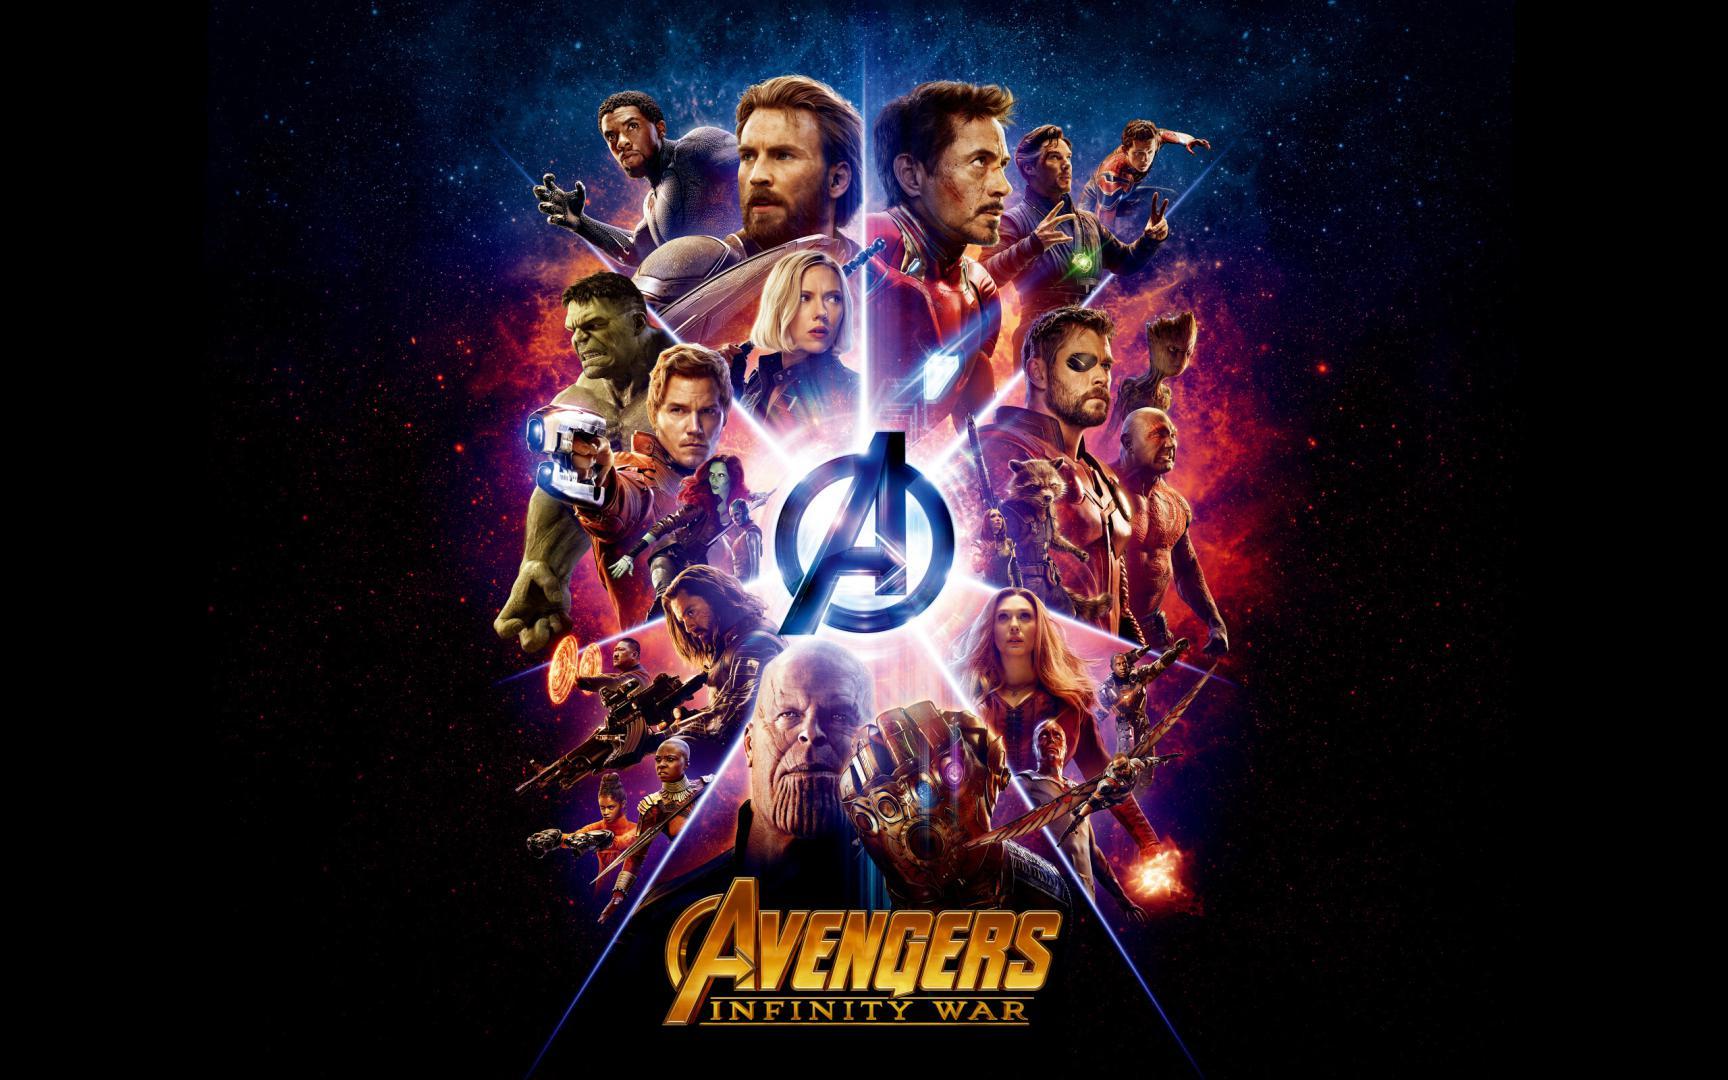 Скачать обои Мстители война, War of Infinity Avengers 3, 2560 на 1600 пикселей